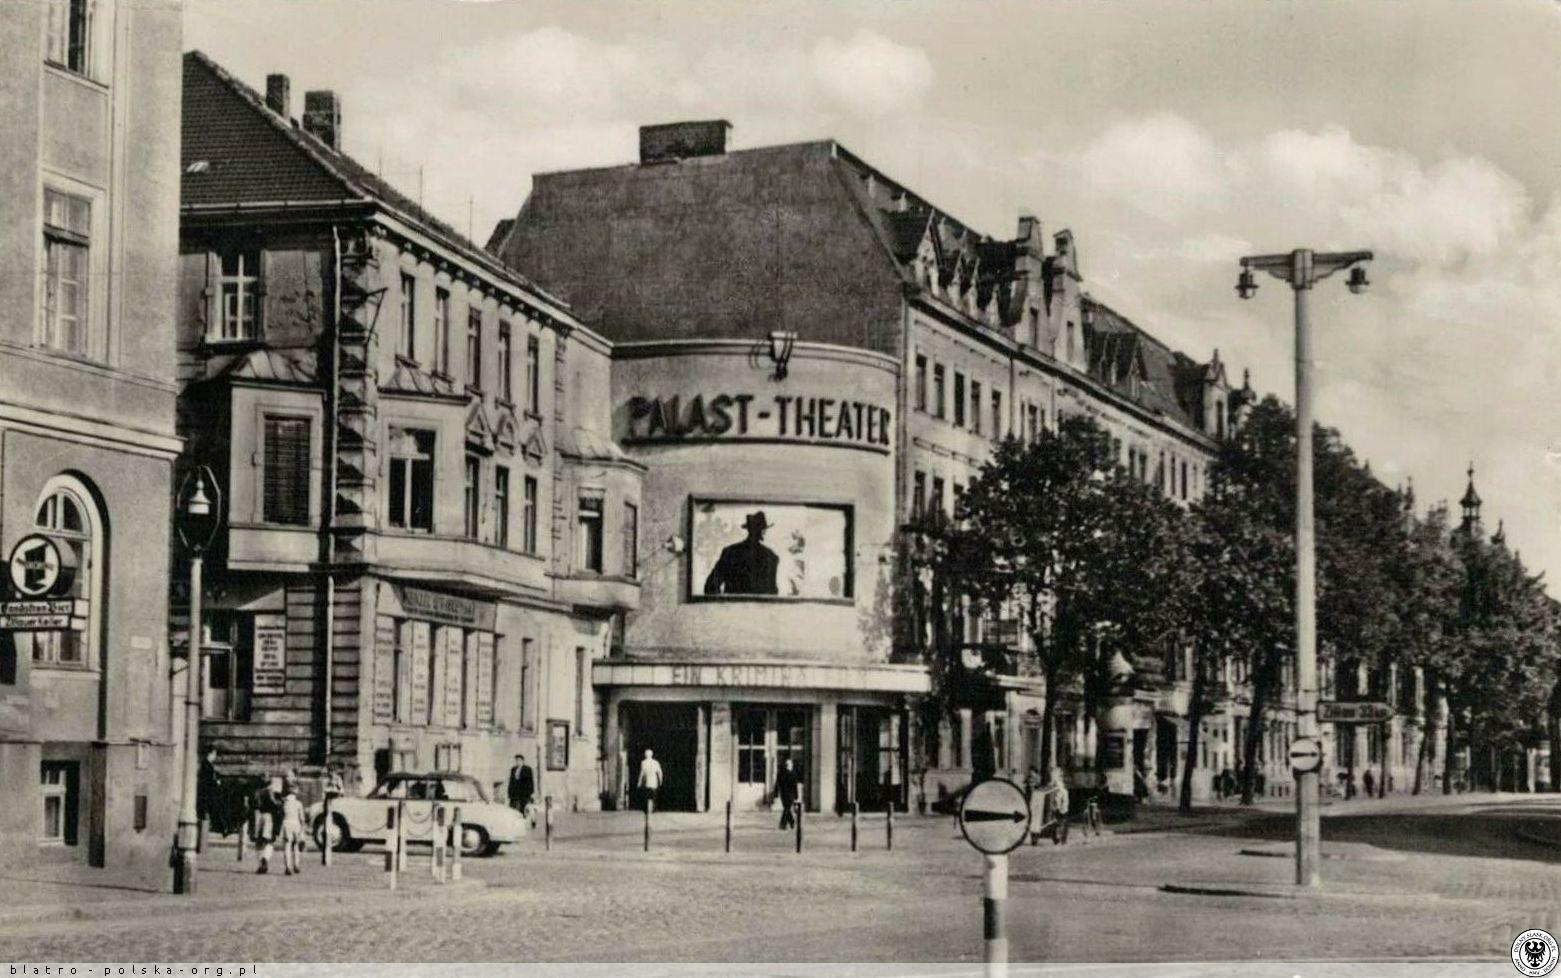 Palast-Theater Görlitz